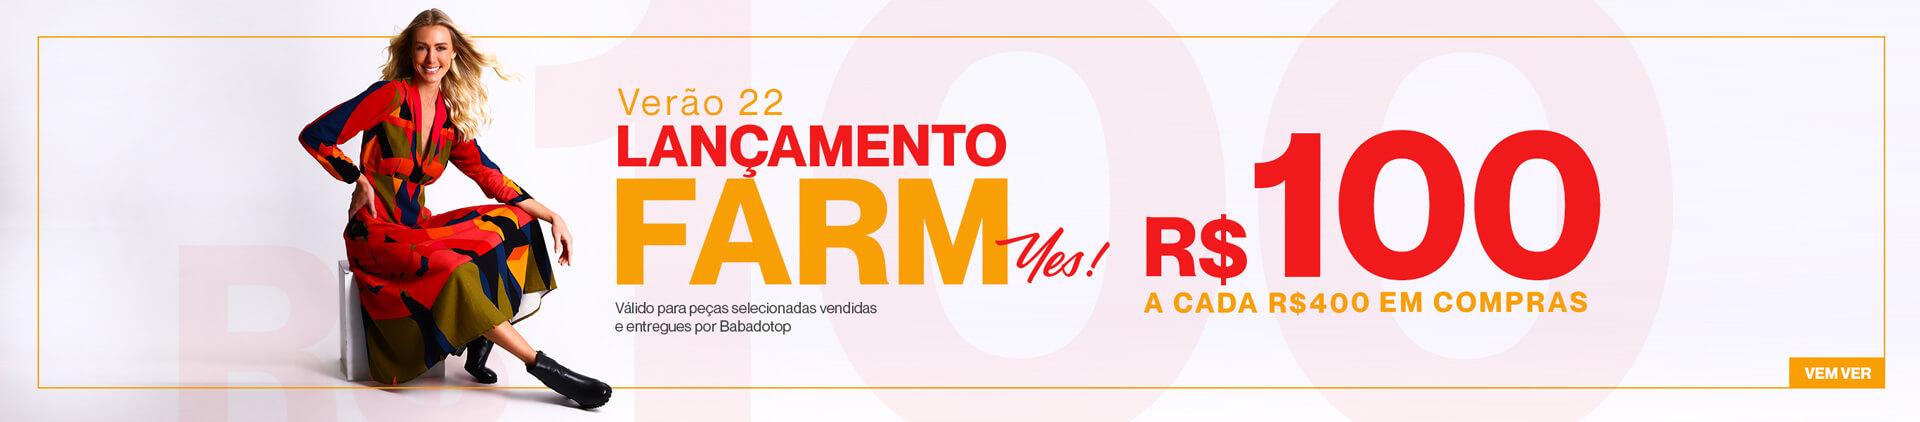 Lançamento Farm